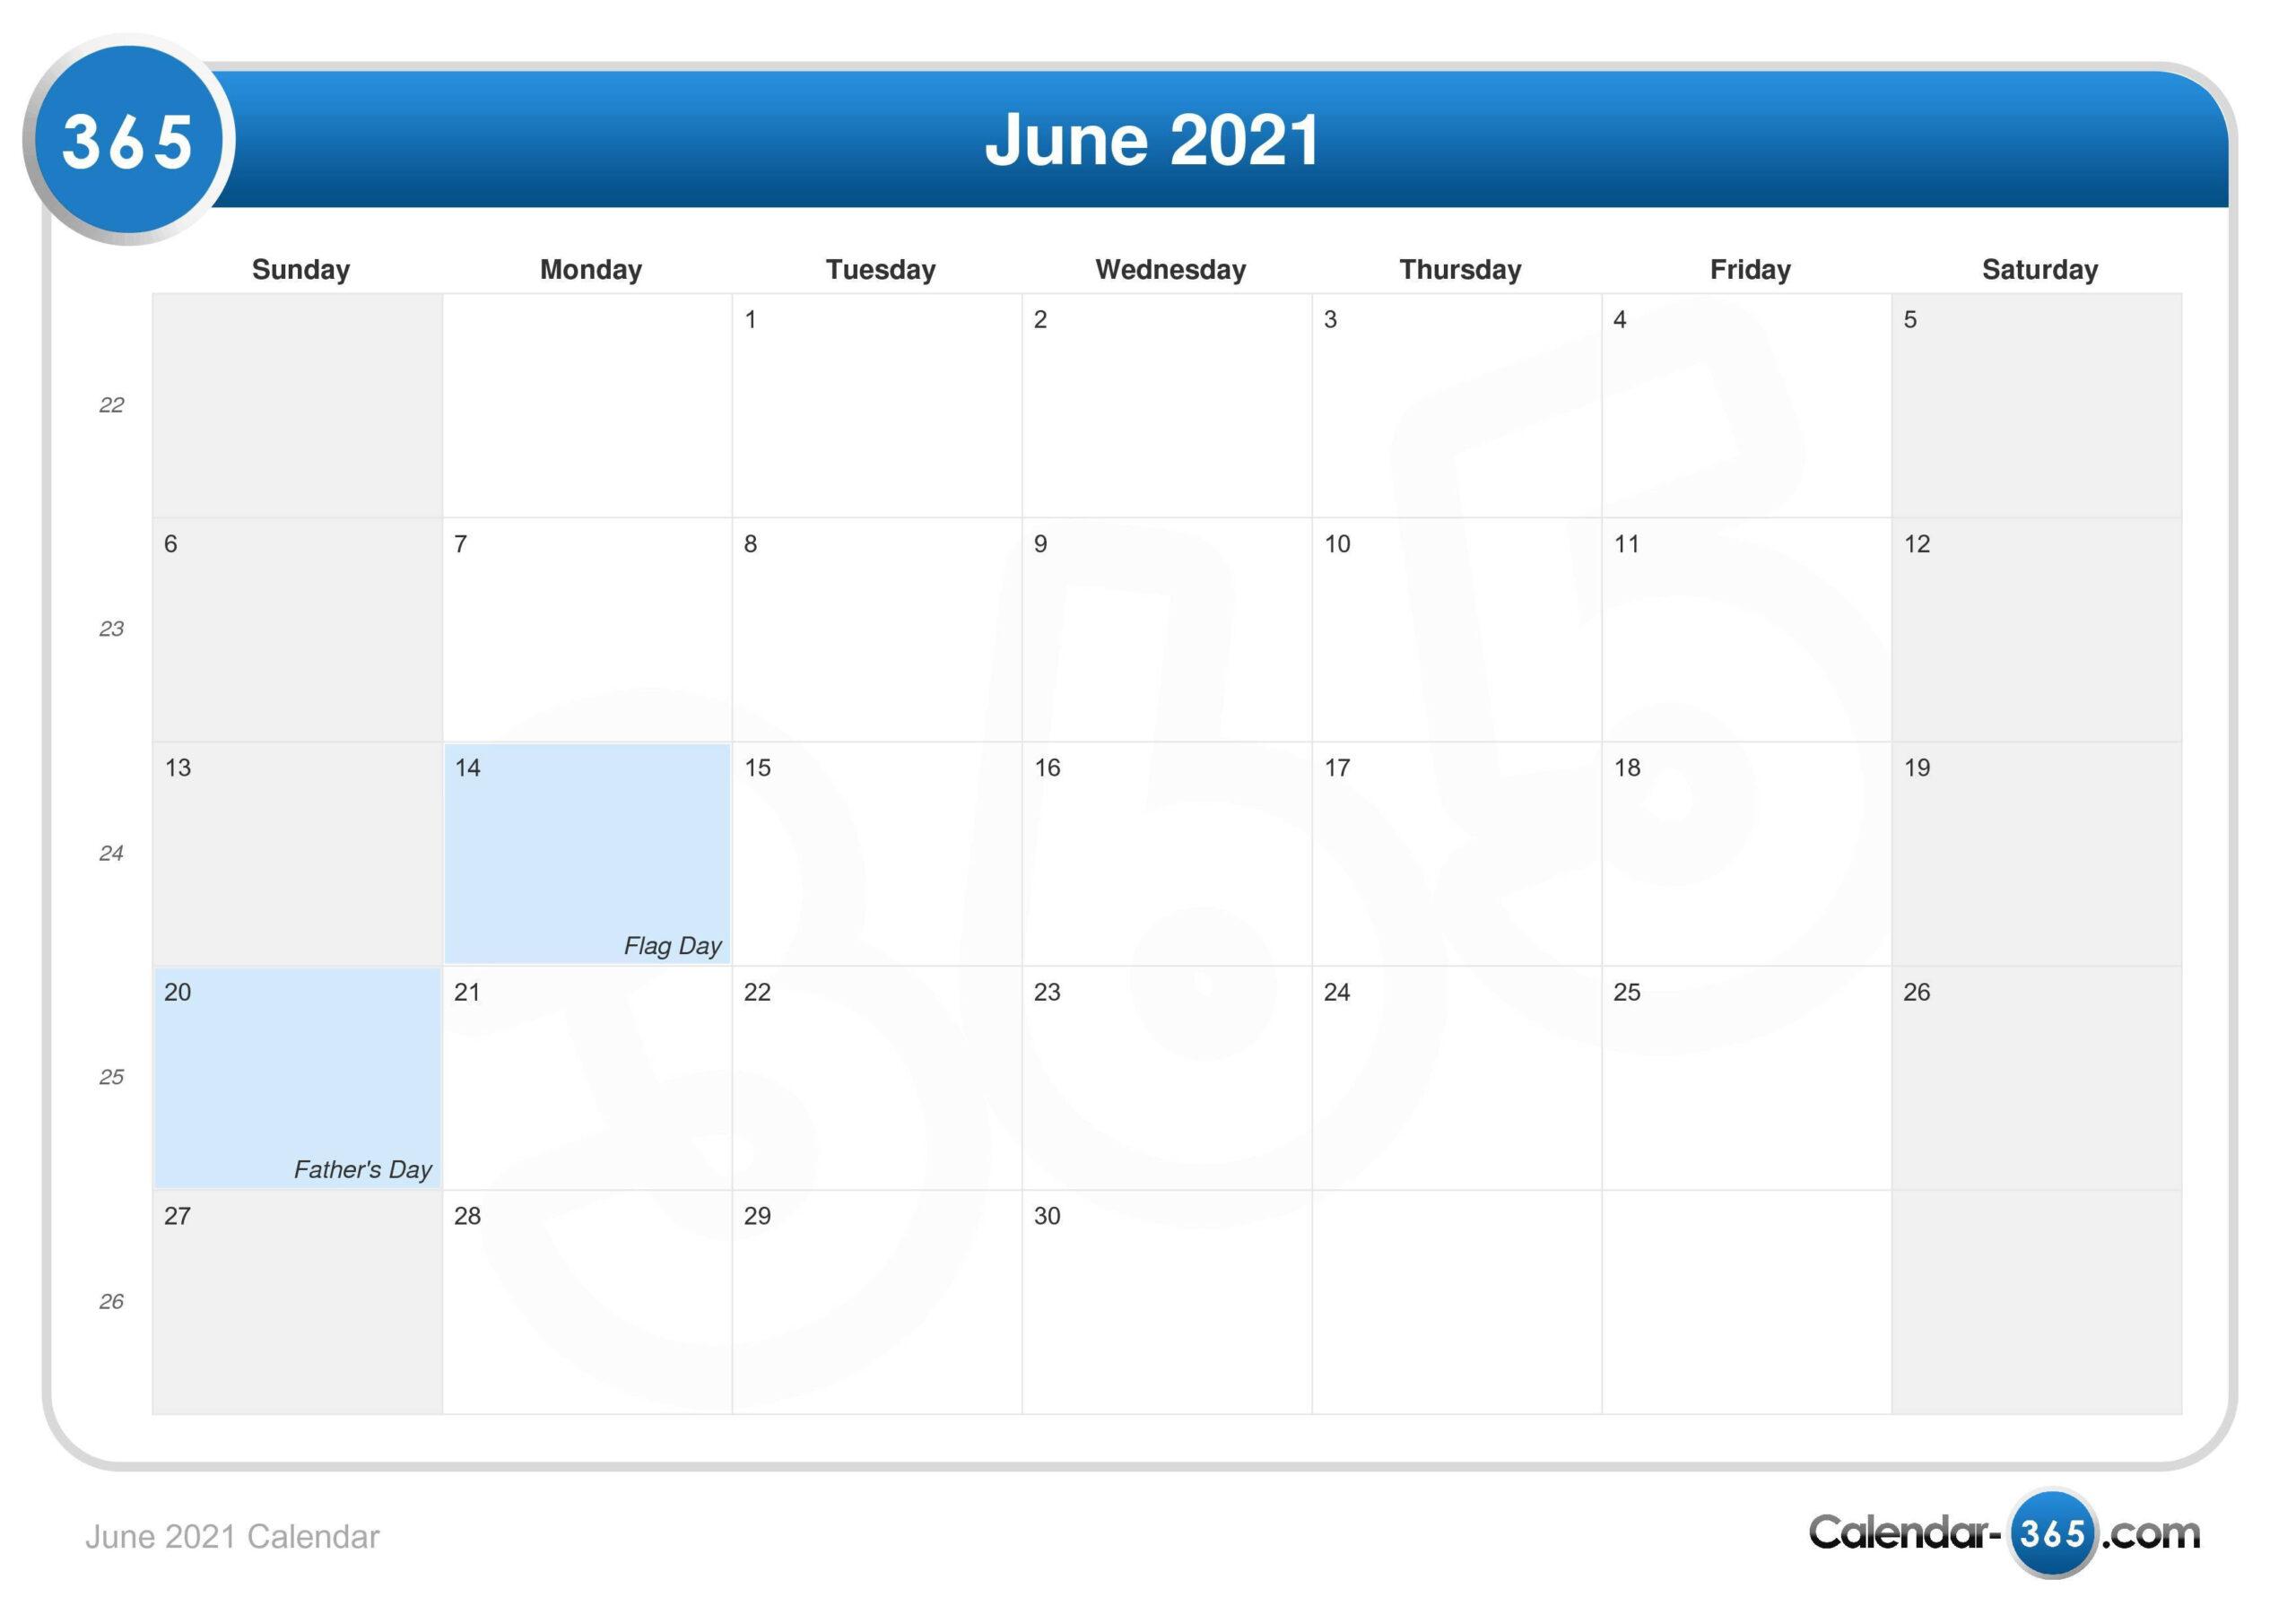 June 2021 Calendar  12 Month Financial Year Calendar 18 To 19